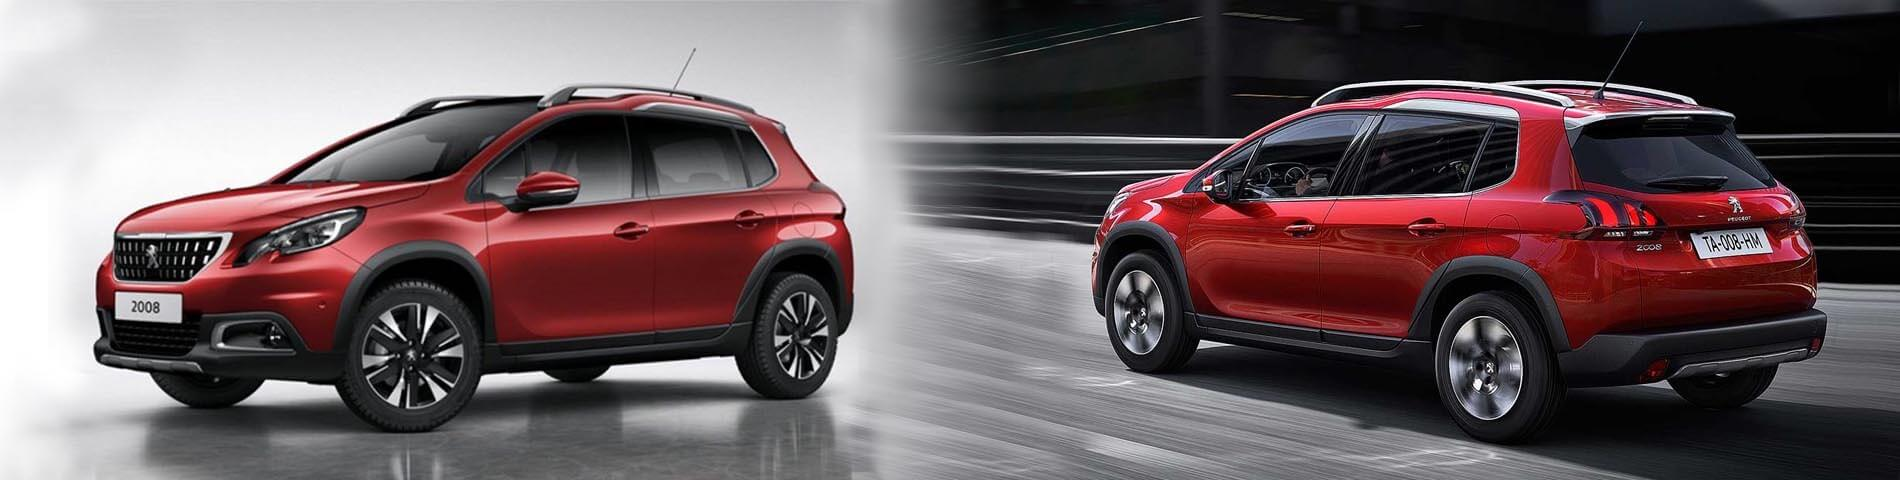 All New Peugeot 2008